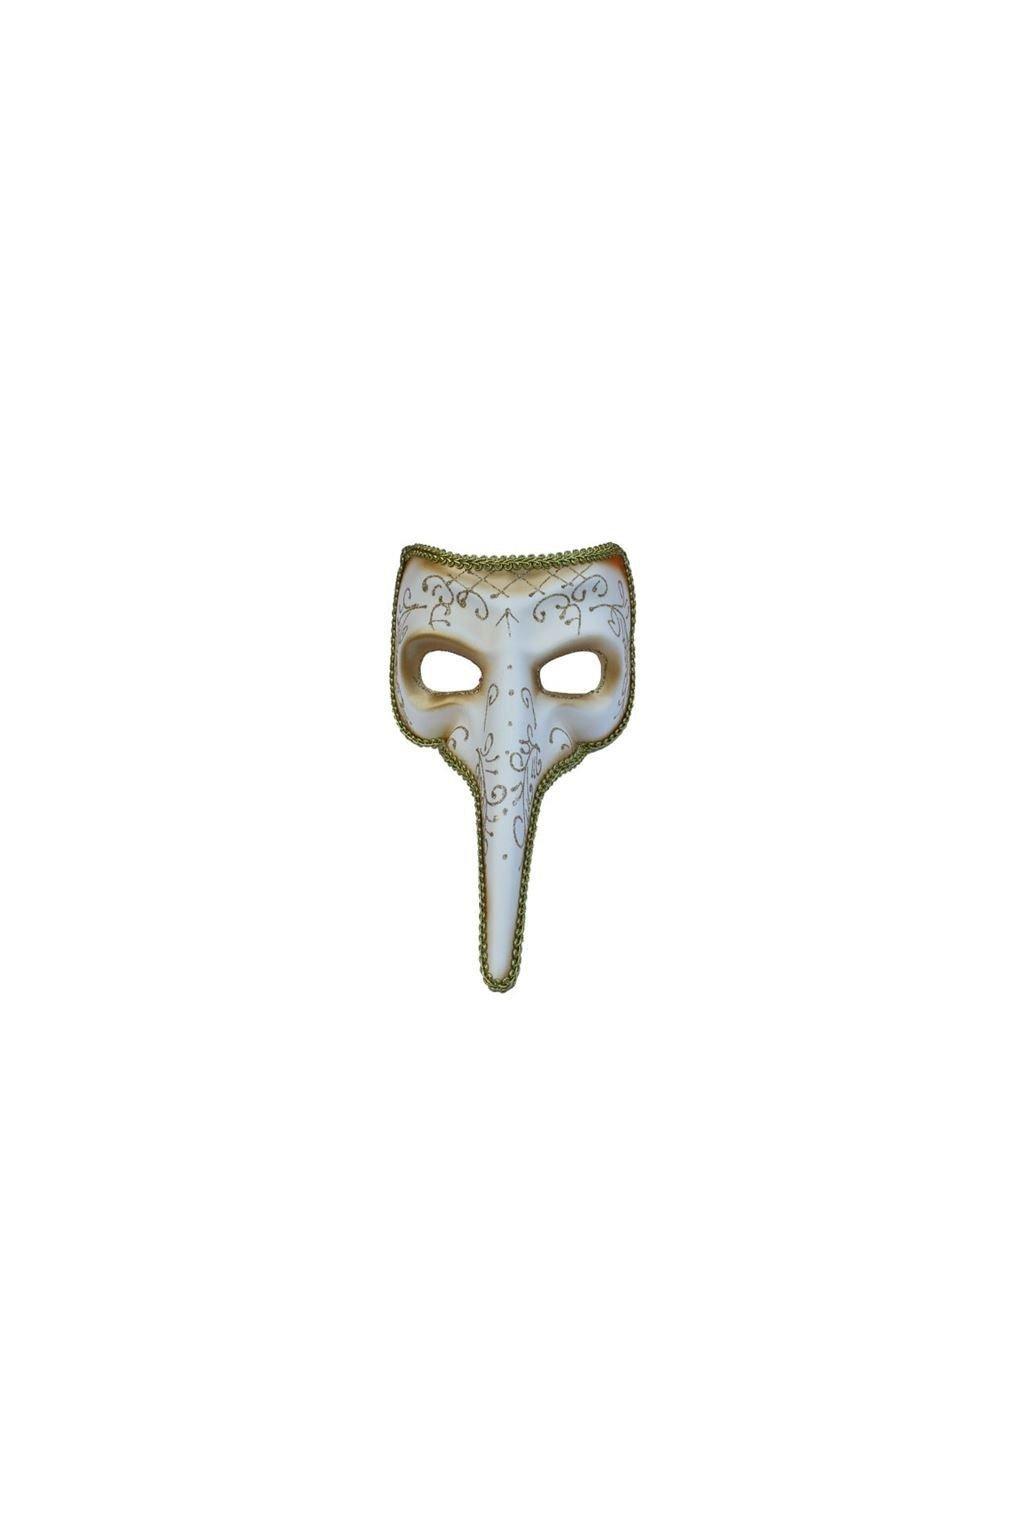 Benátská maska dlouhý nos - světlá - výprodej